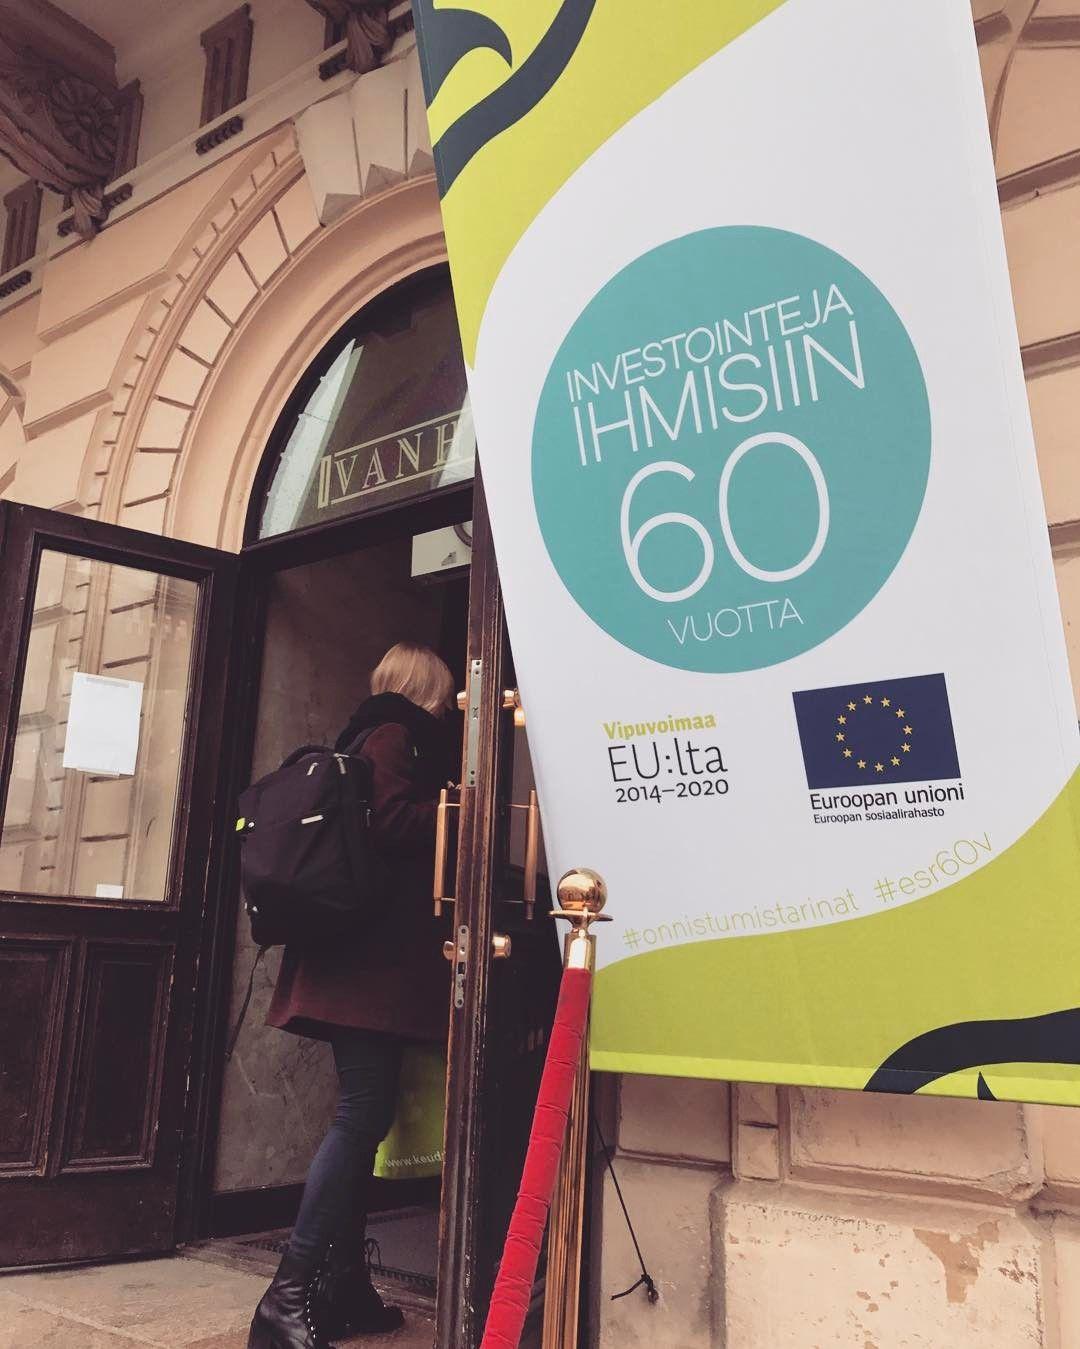 OpsoDiili tänään mukana ESR:n 60-vuotisjuhlassa. OpsoDiili-koordinaatiohankkeessa on mm. luotu Oppisopimus.fi-sivusto sekä edistetty valtakunnallista oppisopimusviestintää. #ESR60v #oppisopimus